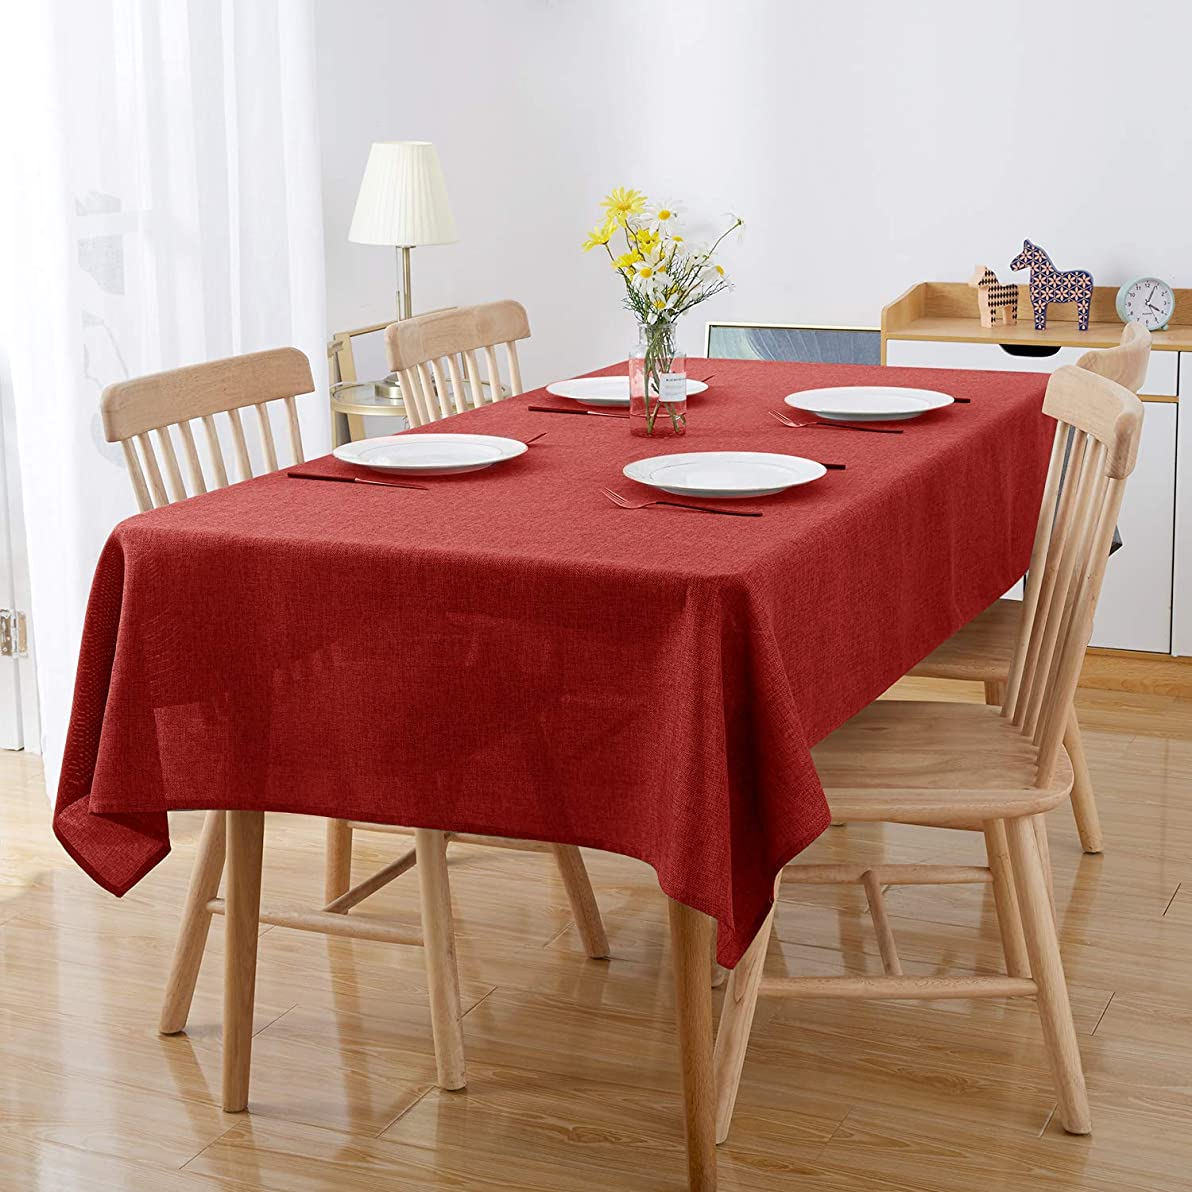 Deconovo テーブルクロス 撥水 汚れ防止 厚手 りんネット 北欧 無地 長方形 全6色 140x180CM レッド